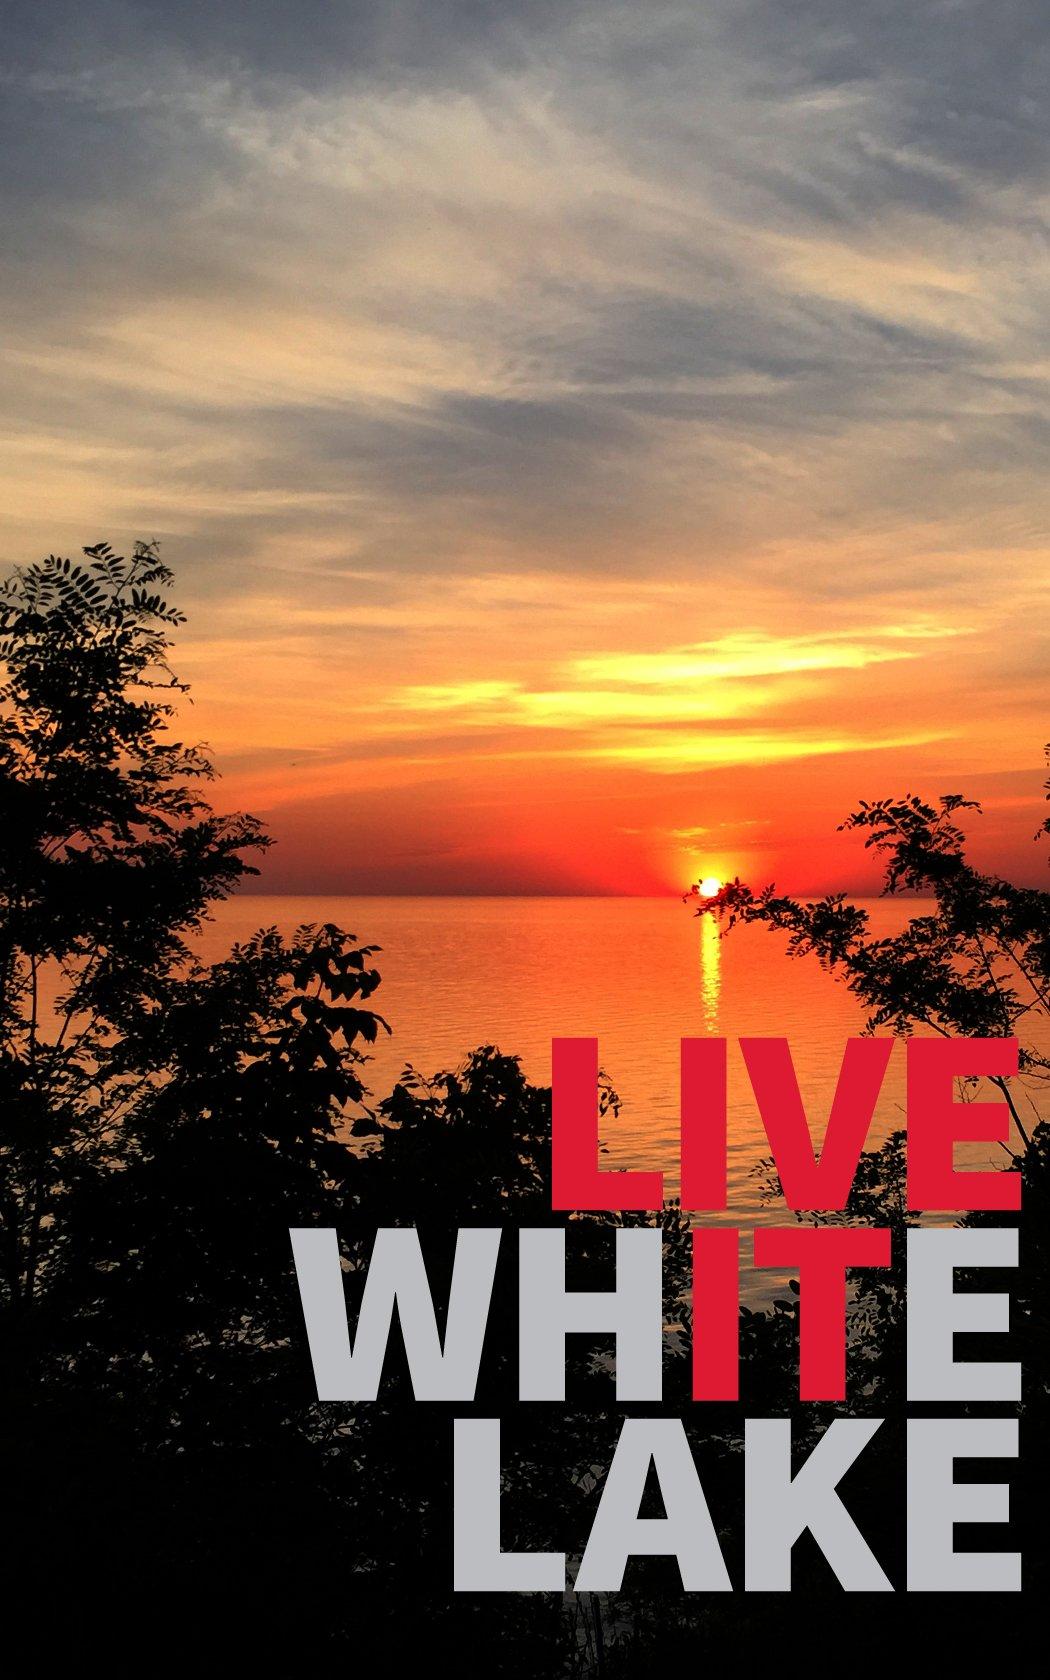 Sunset on White Lake